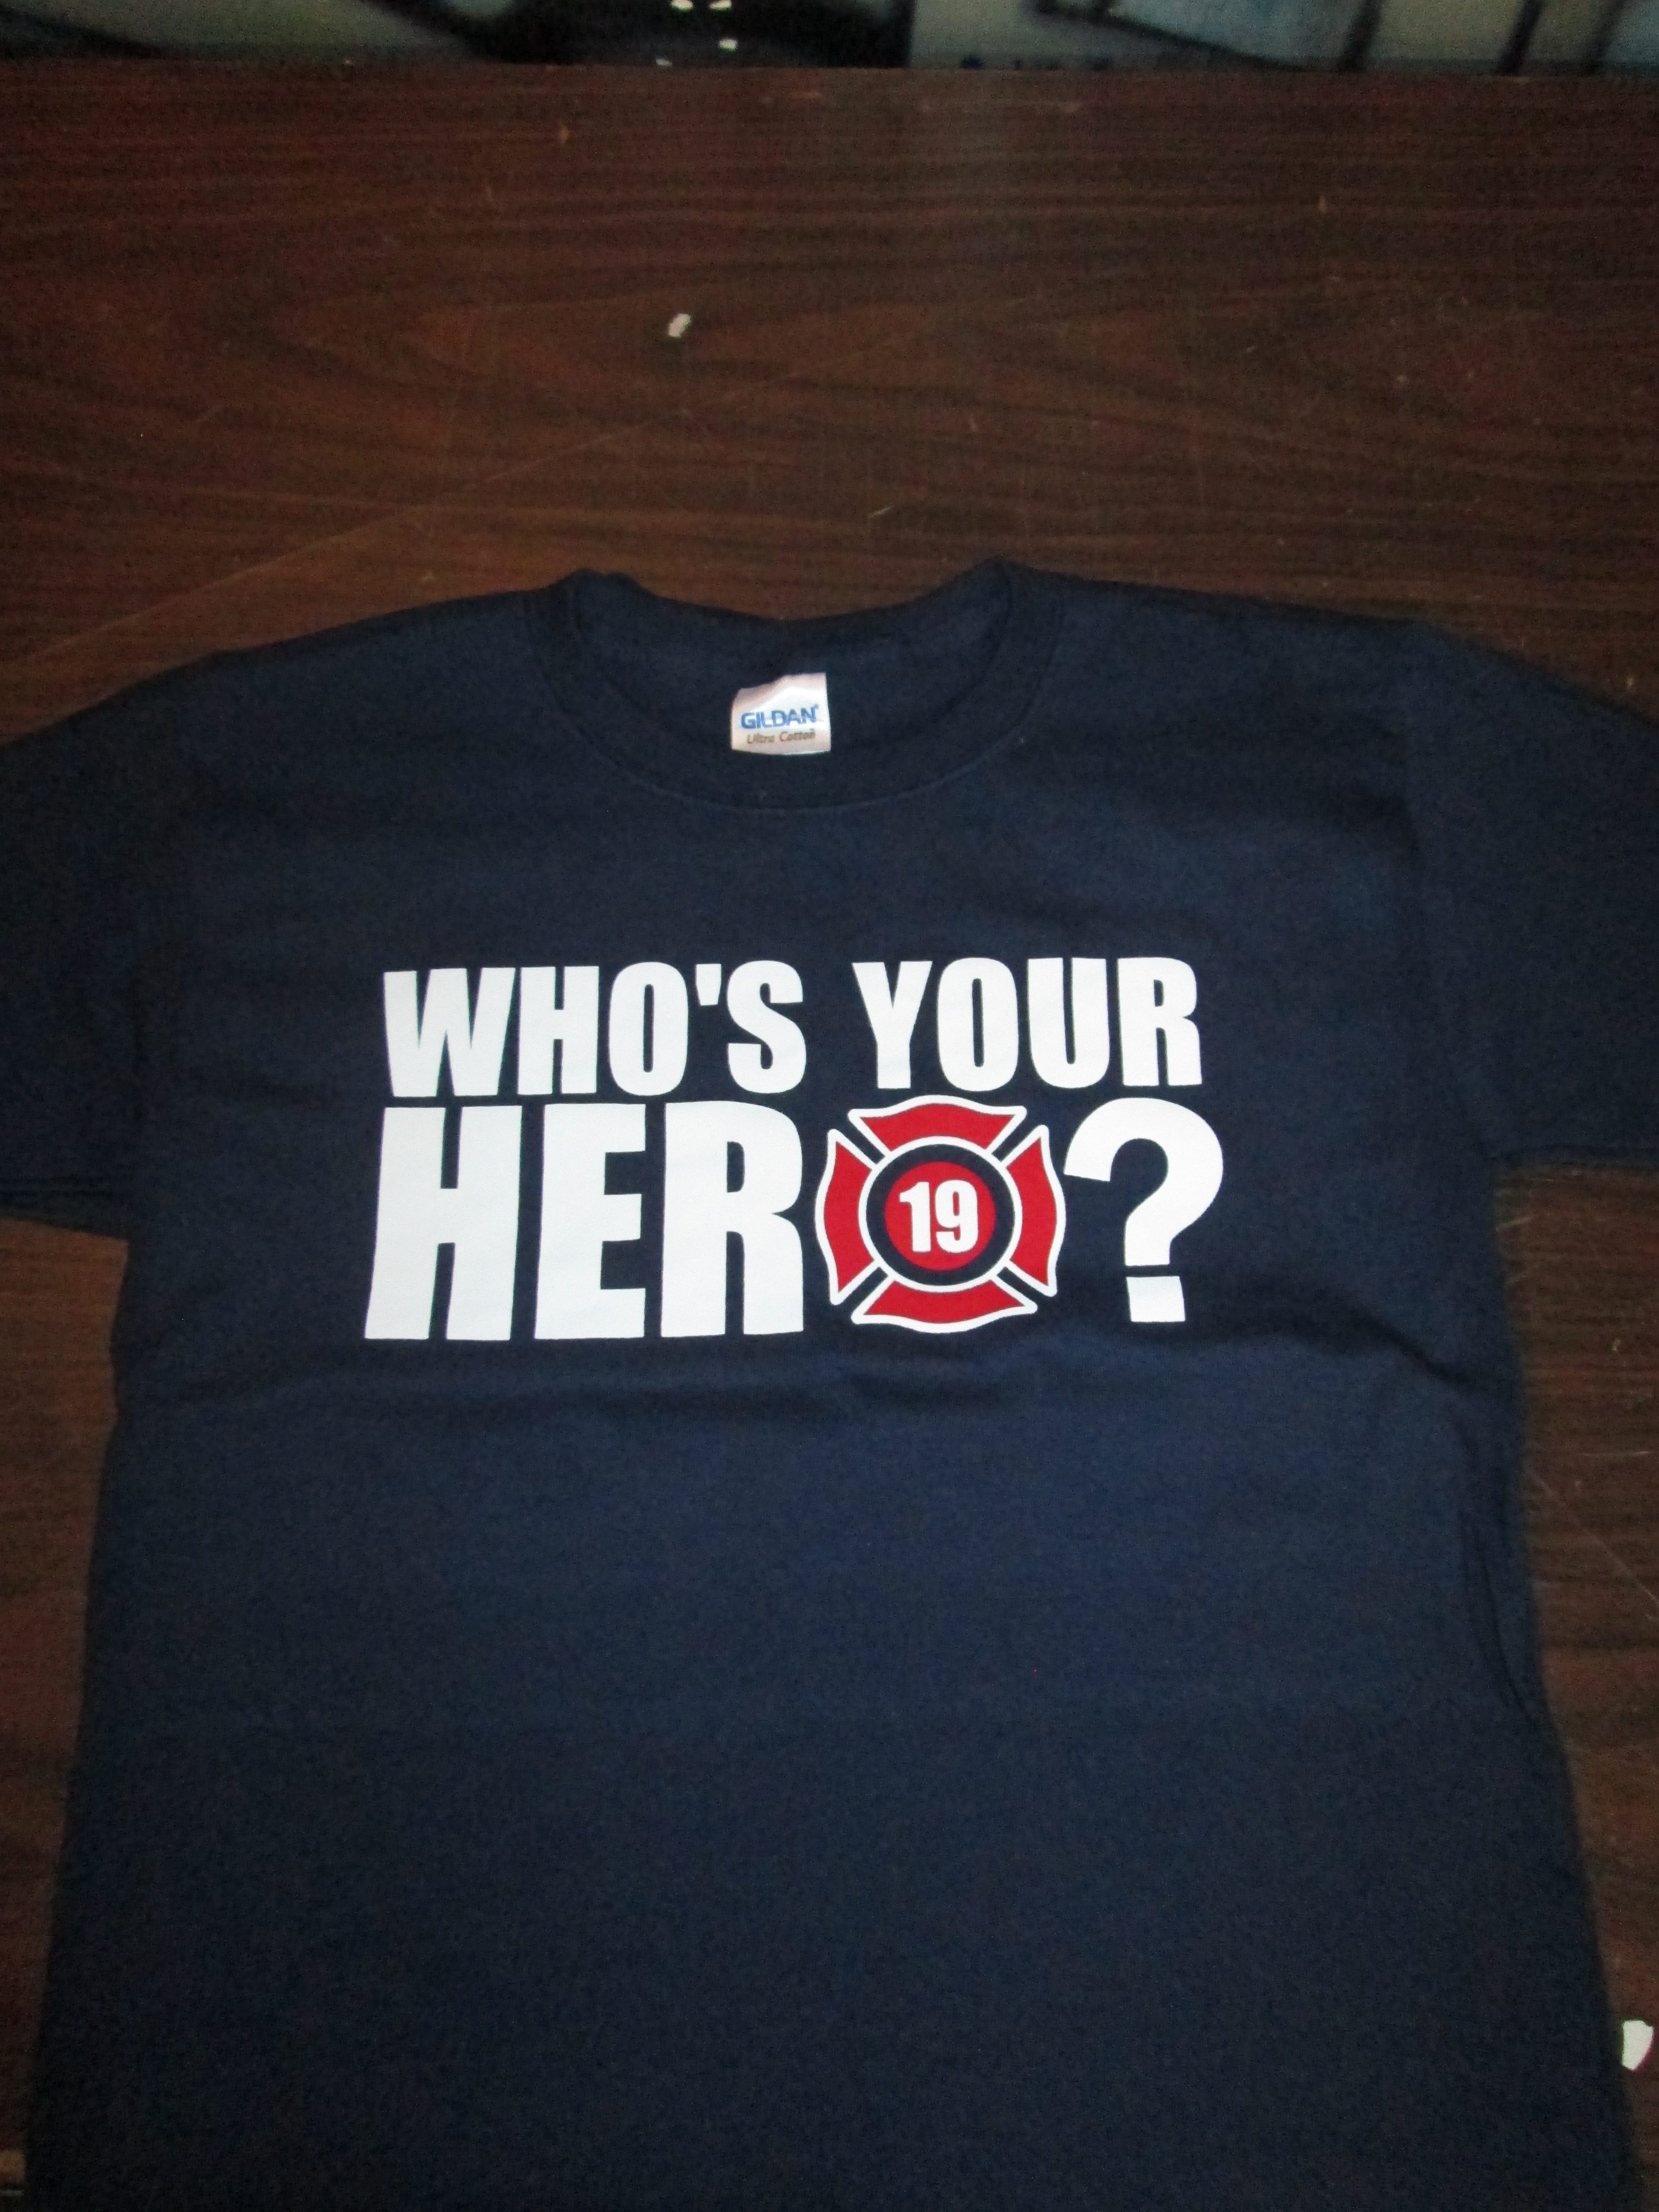 Good fundraiser shirt